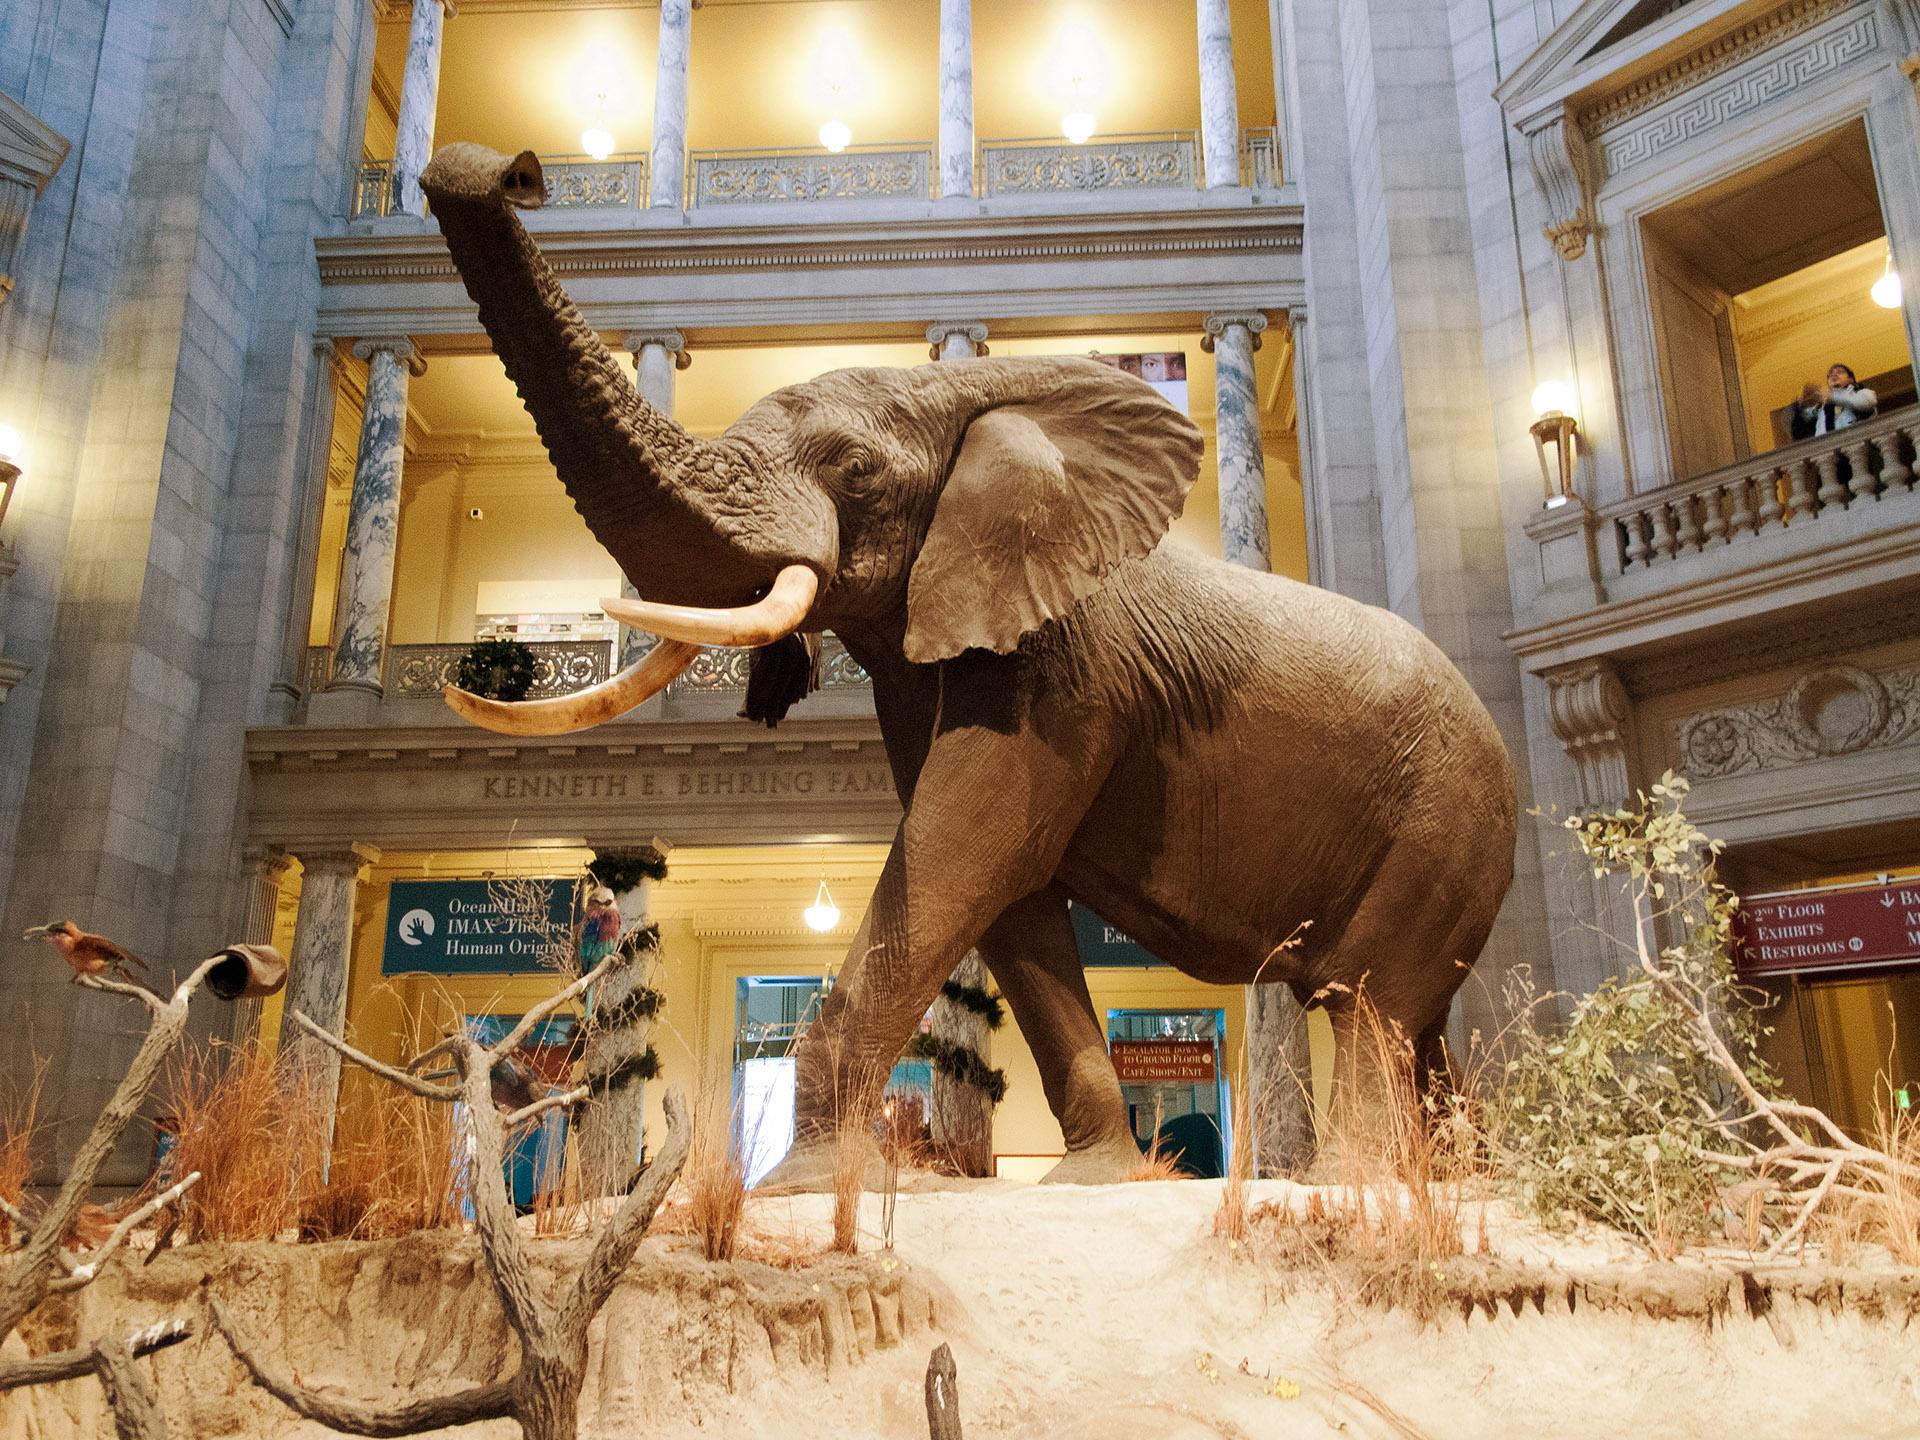 Imax Movies At Museum Of Natural History